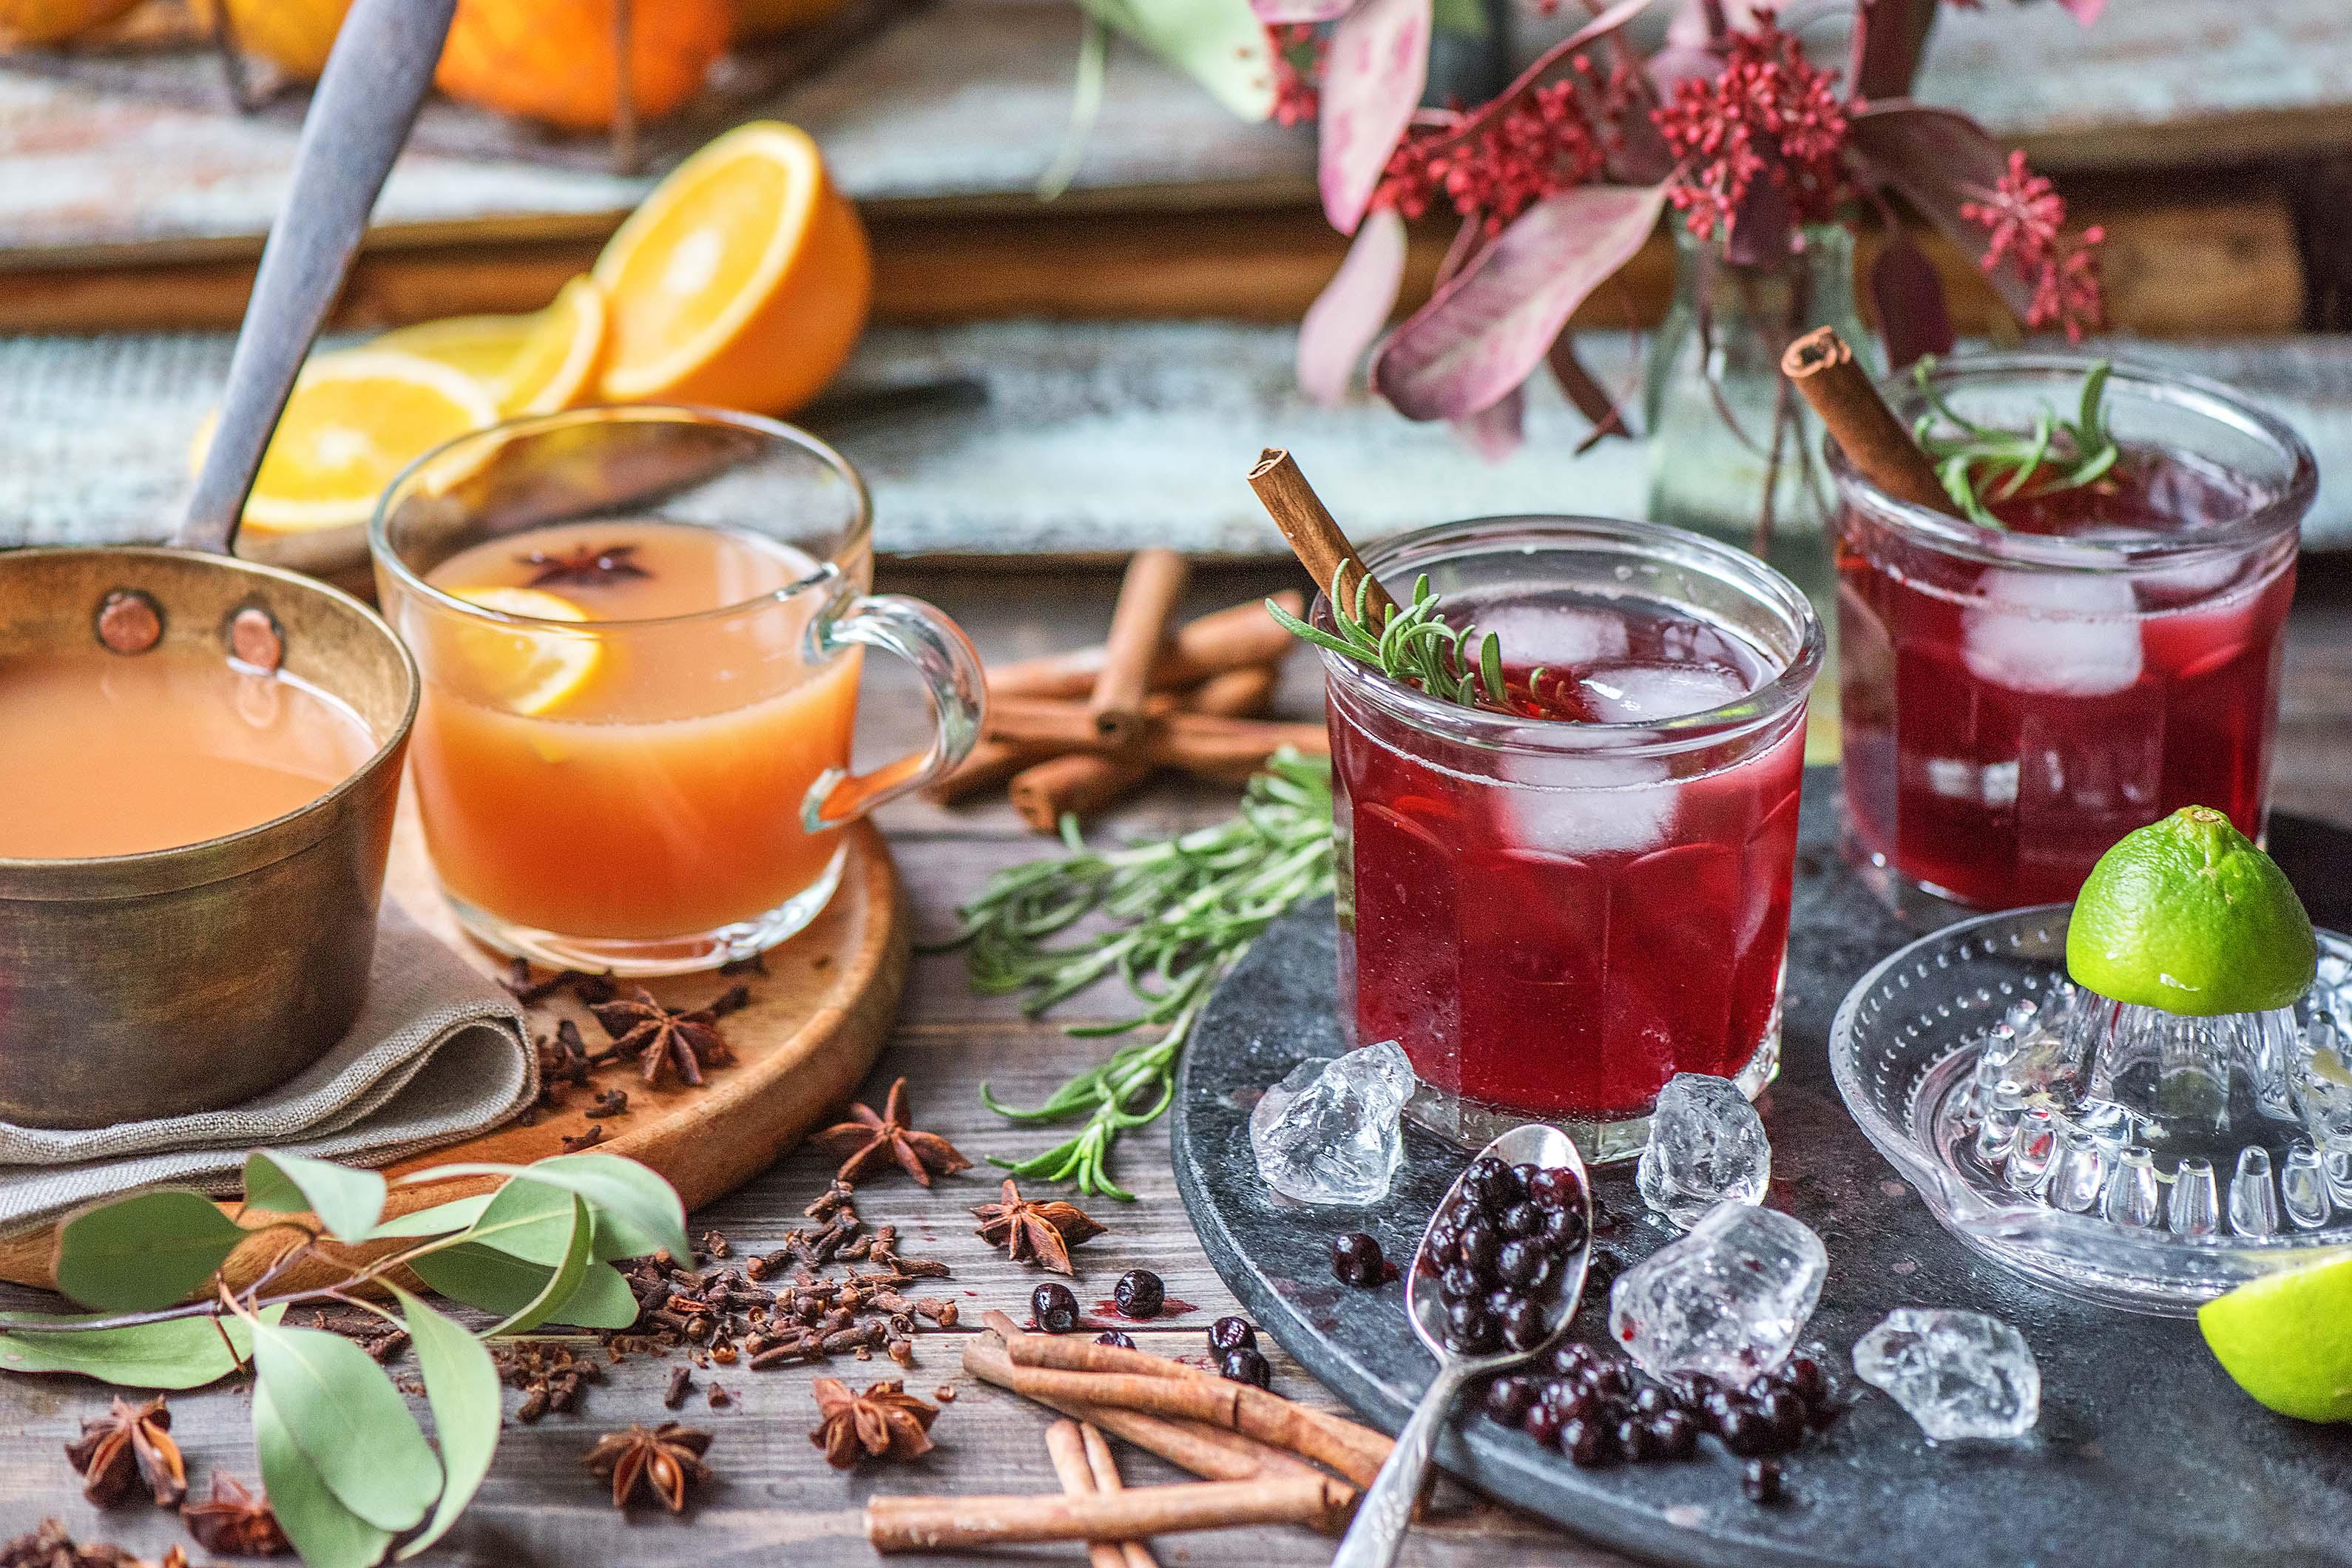 Unsere festlichen Getränke zu Weihnachten | HelloFresh Blog